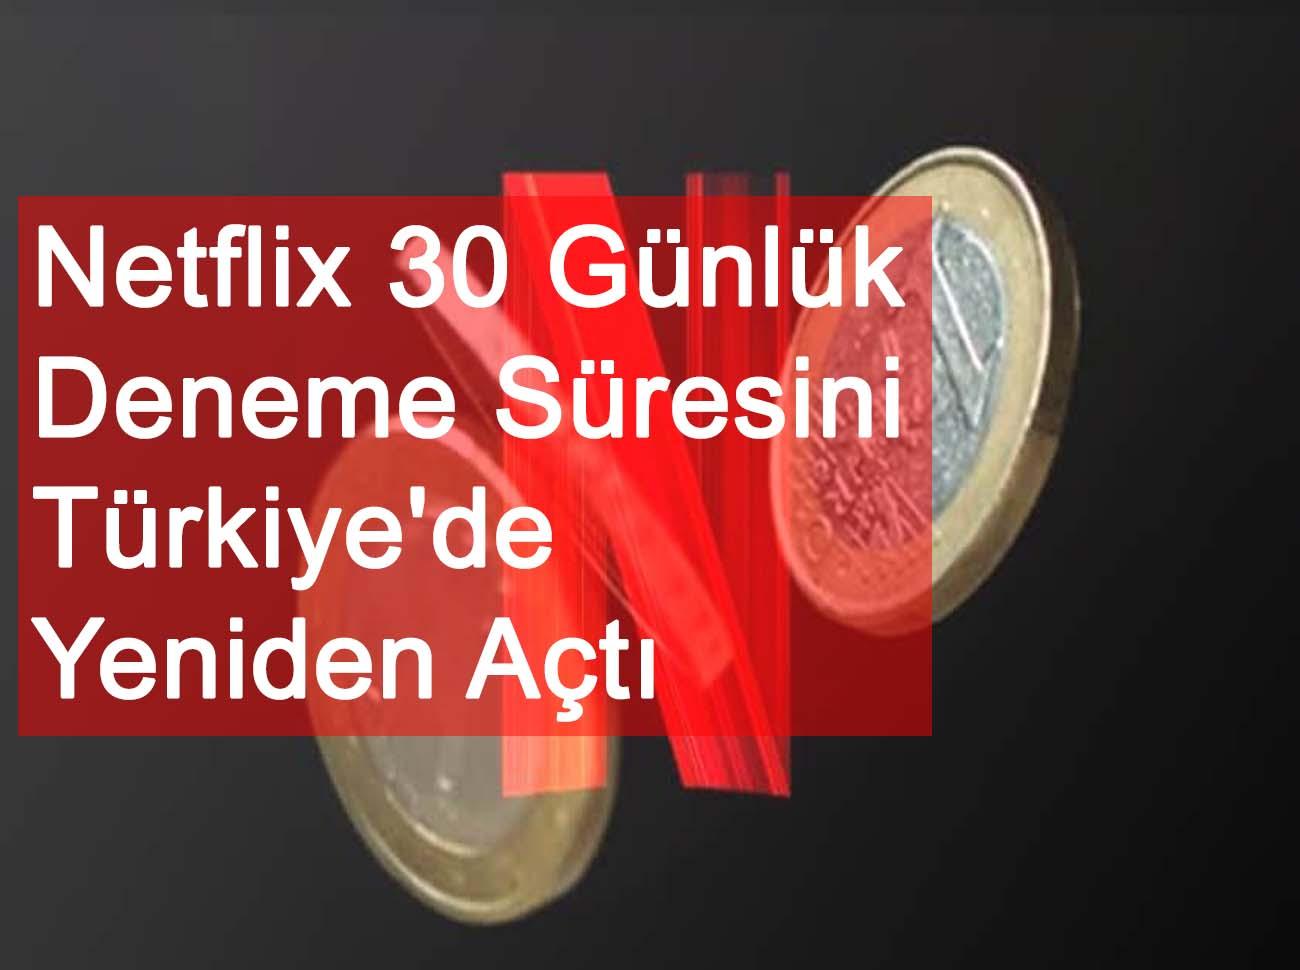 Netflix 30 Günlük Deneme